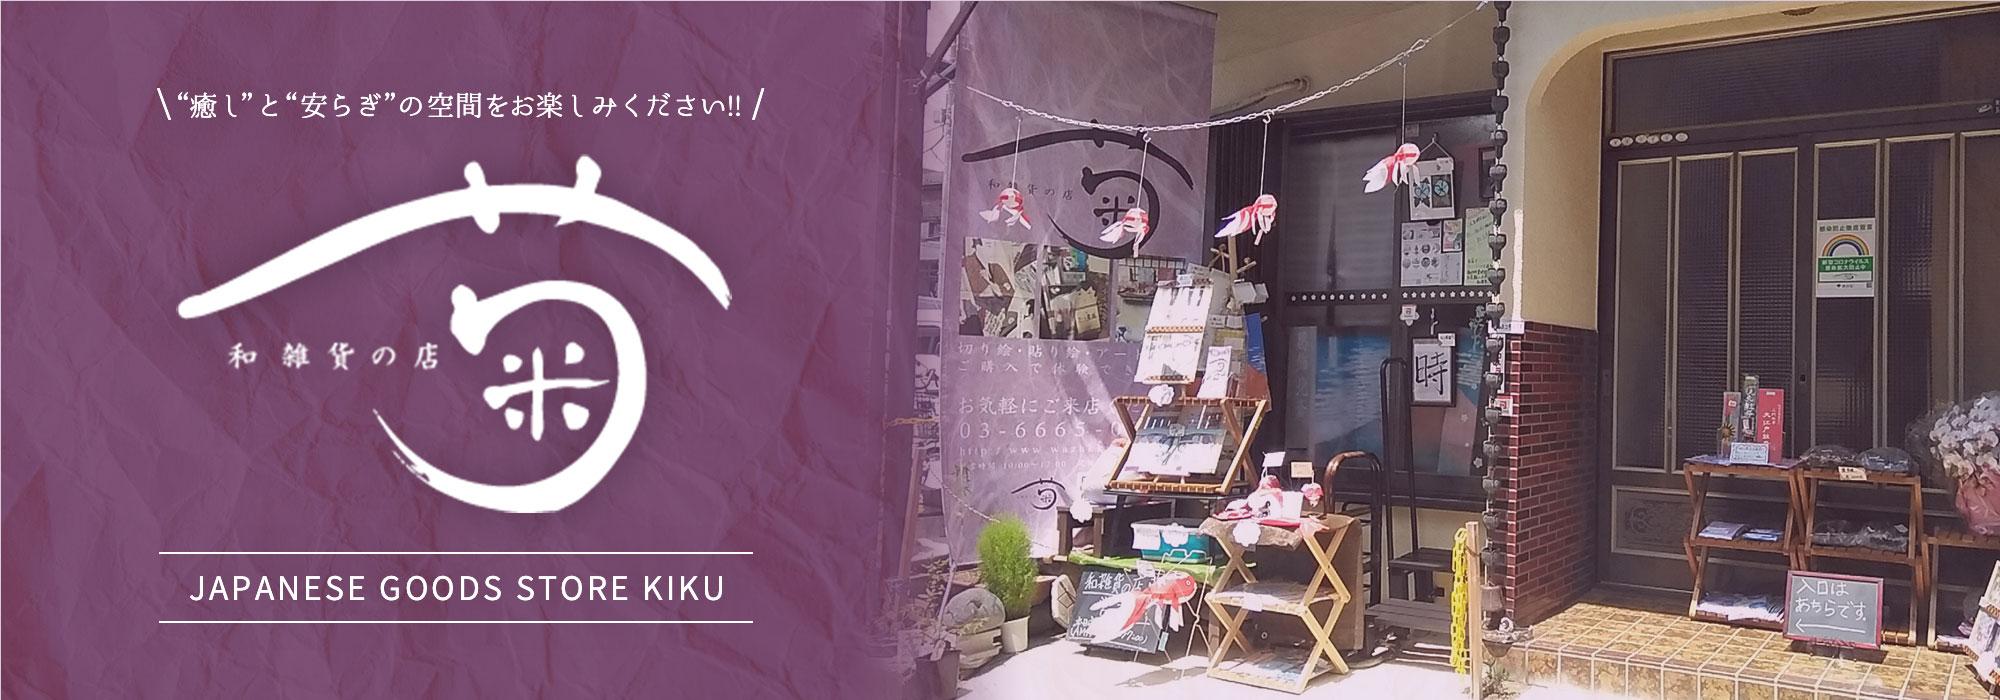 和雑貨の店 菊 (Japanese goods store Kiku)